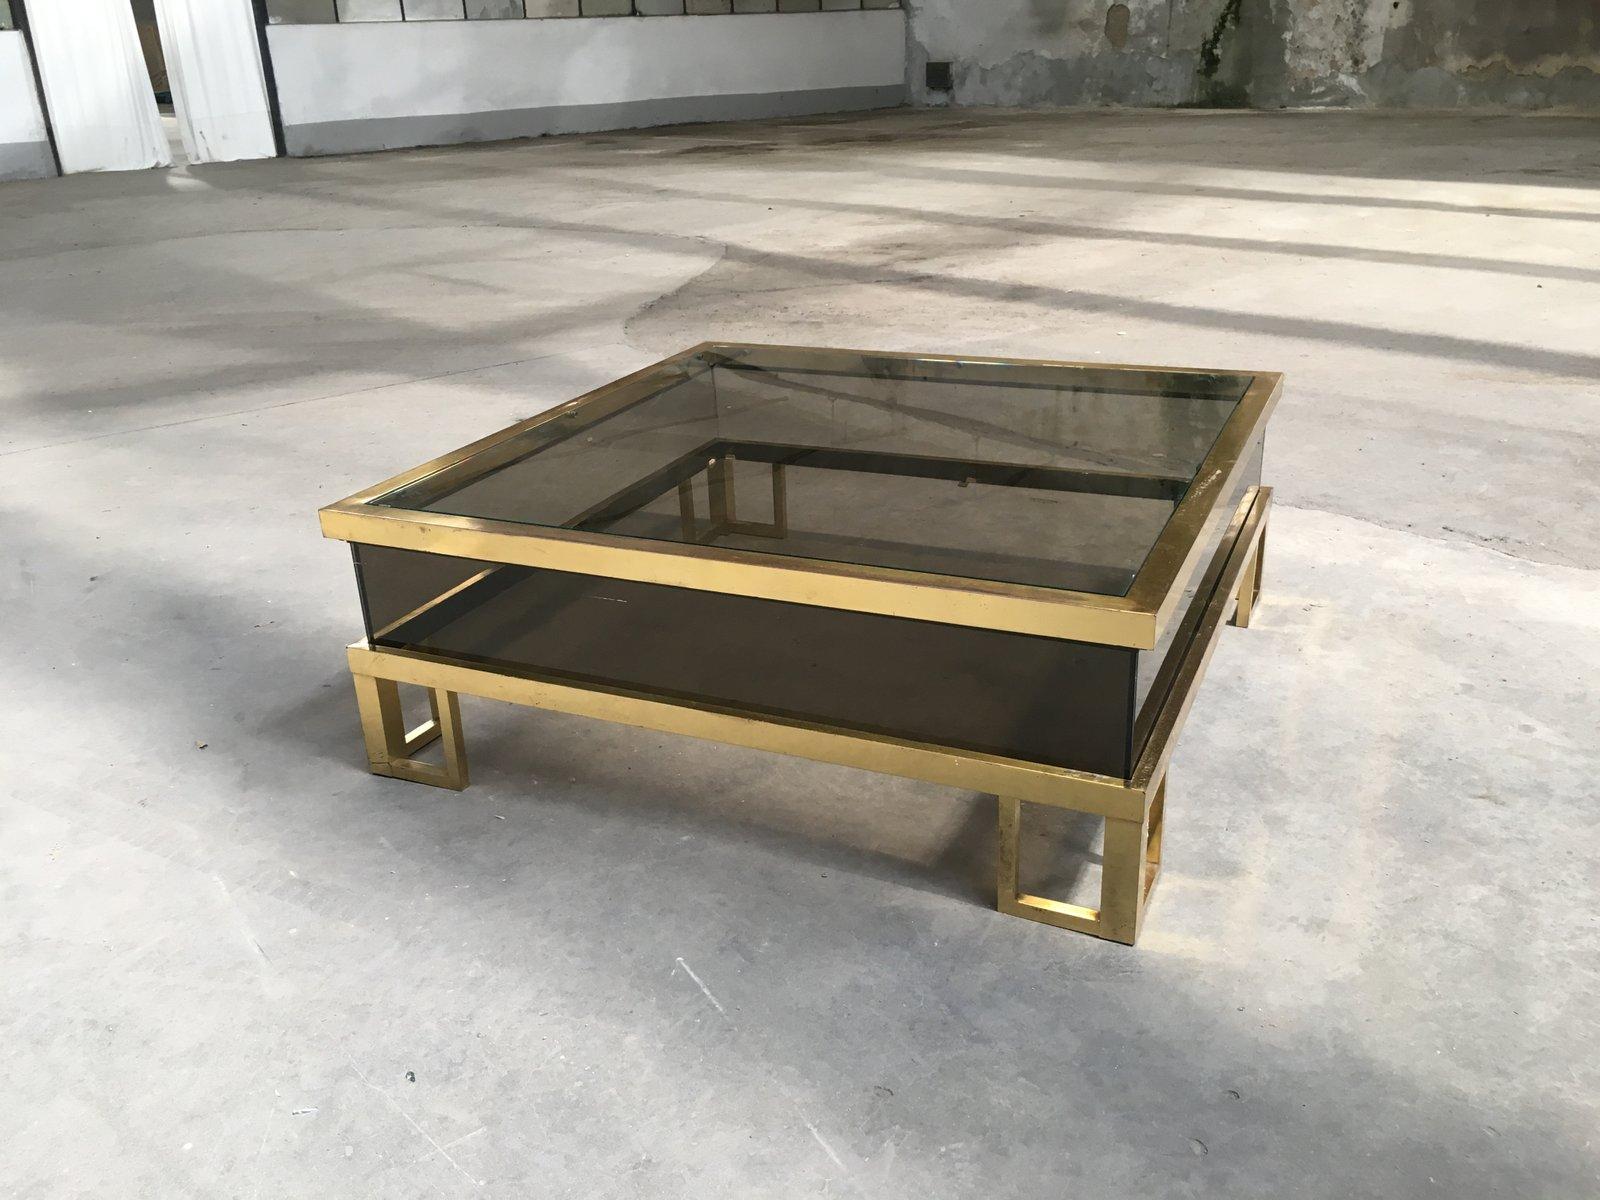 Table basse coulissante interesting meuble tv design et sa table basse coulissante crations air - Meuble tv avec plateau coulissant ...